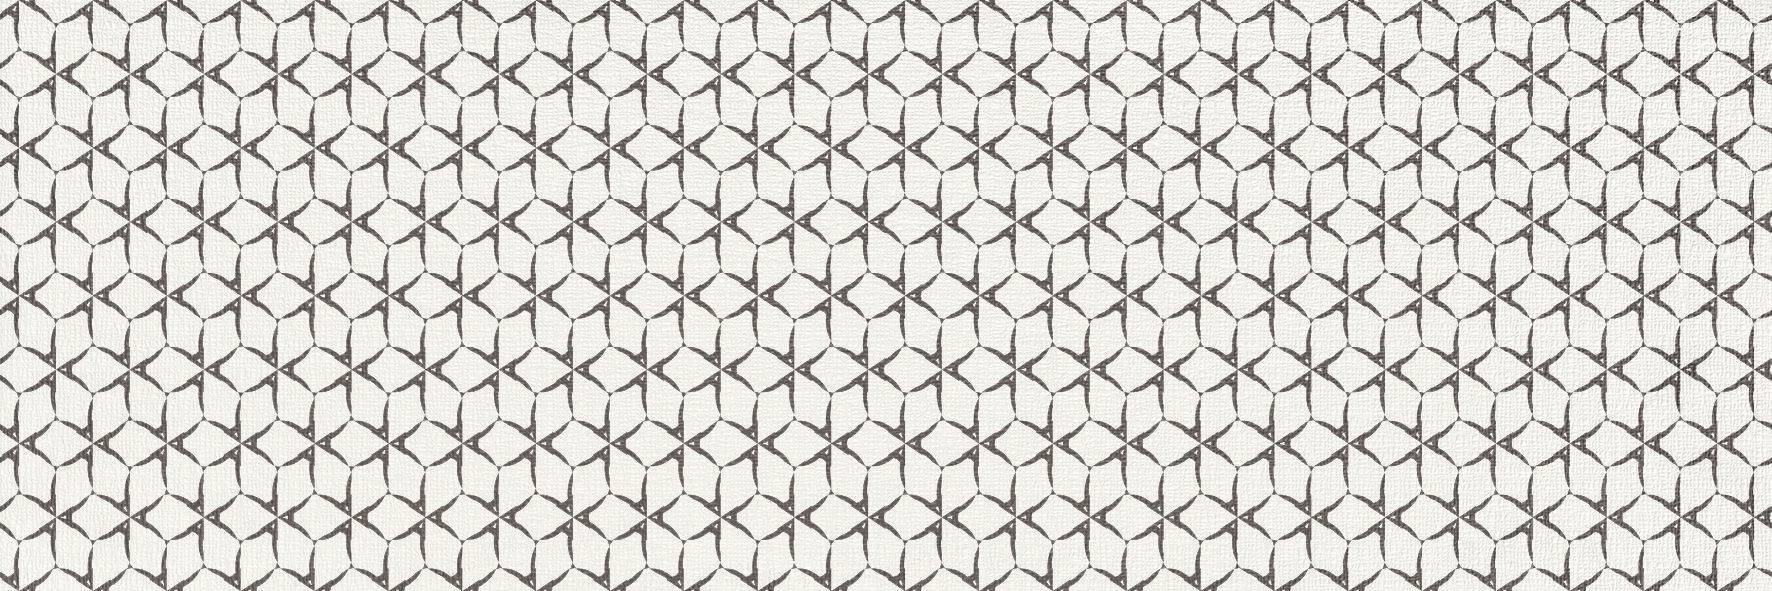 Lagom Tapet White 30x90 cm